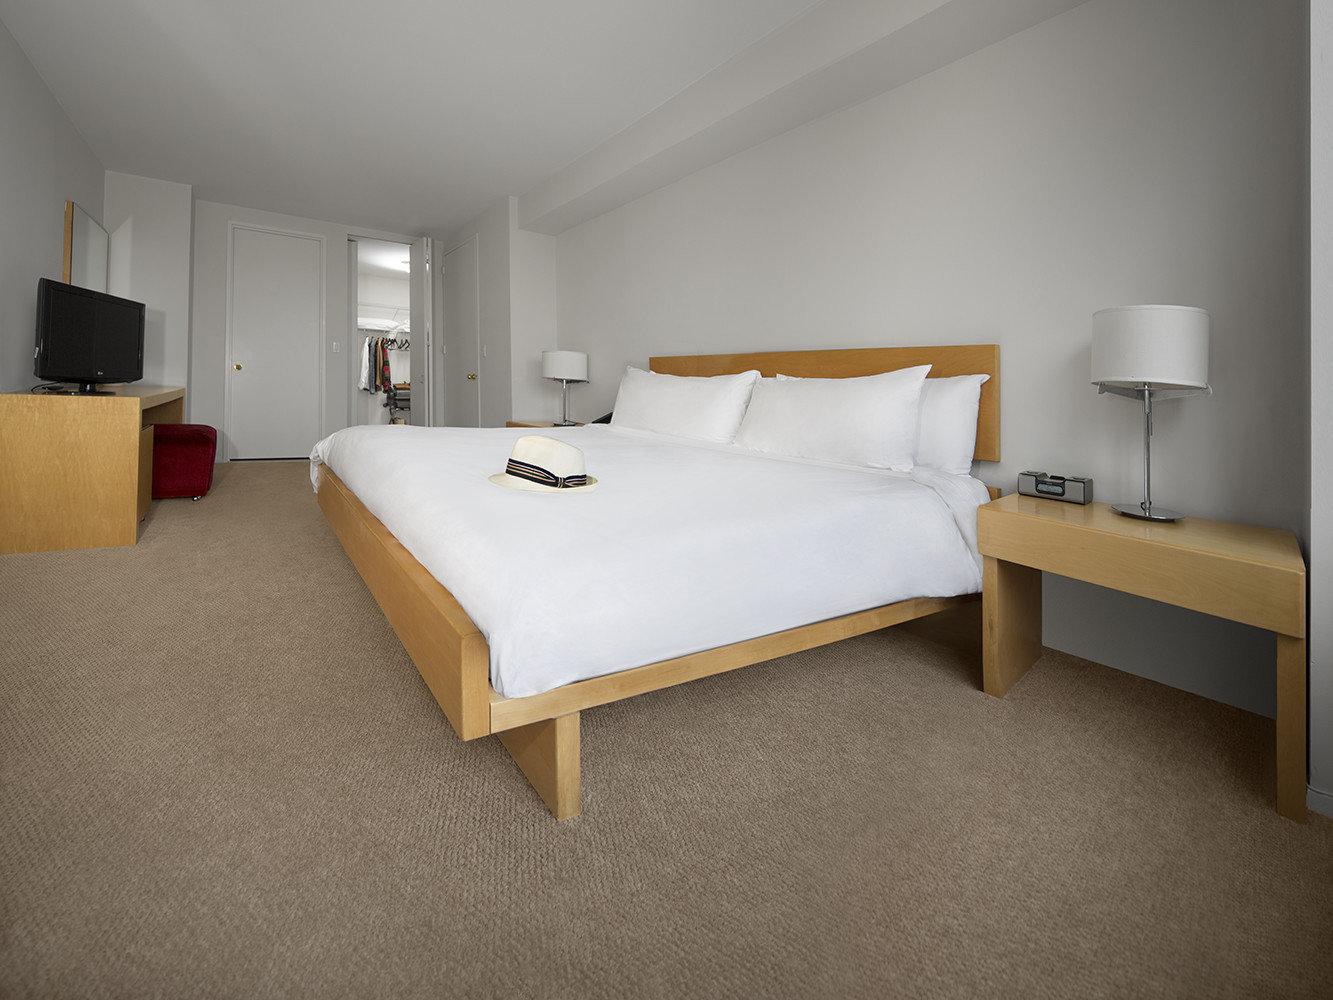 Bedroom property Suite hardwood bed frame flooring cottage bed sheet